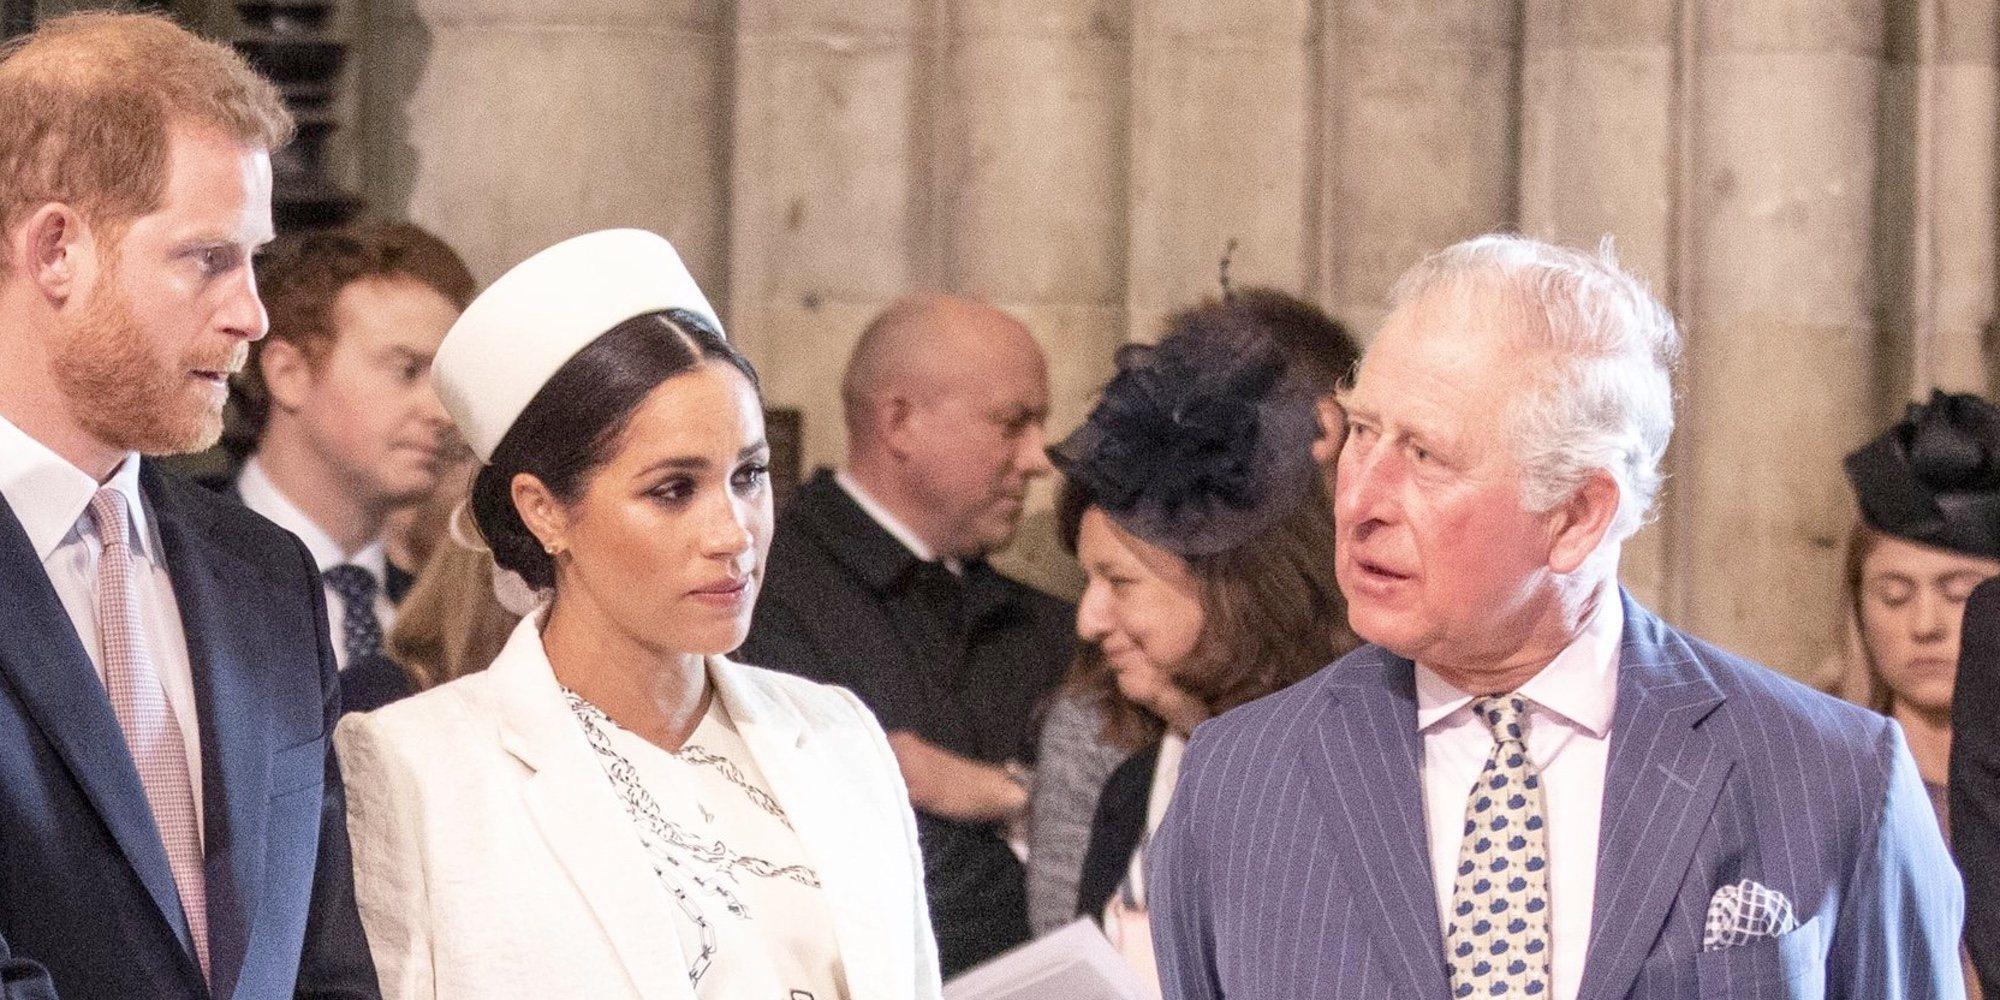 El plan del Príncipe Carlos para ayudar al Príncipe Harry y Meghan Markle tras el Megxit a pesar de su decepción